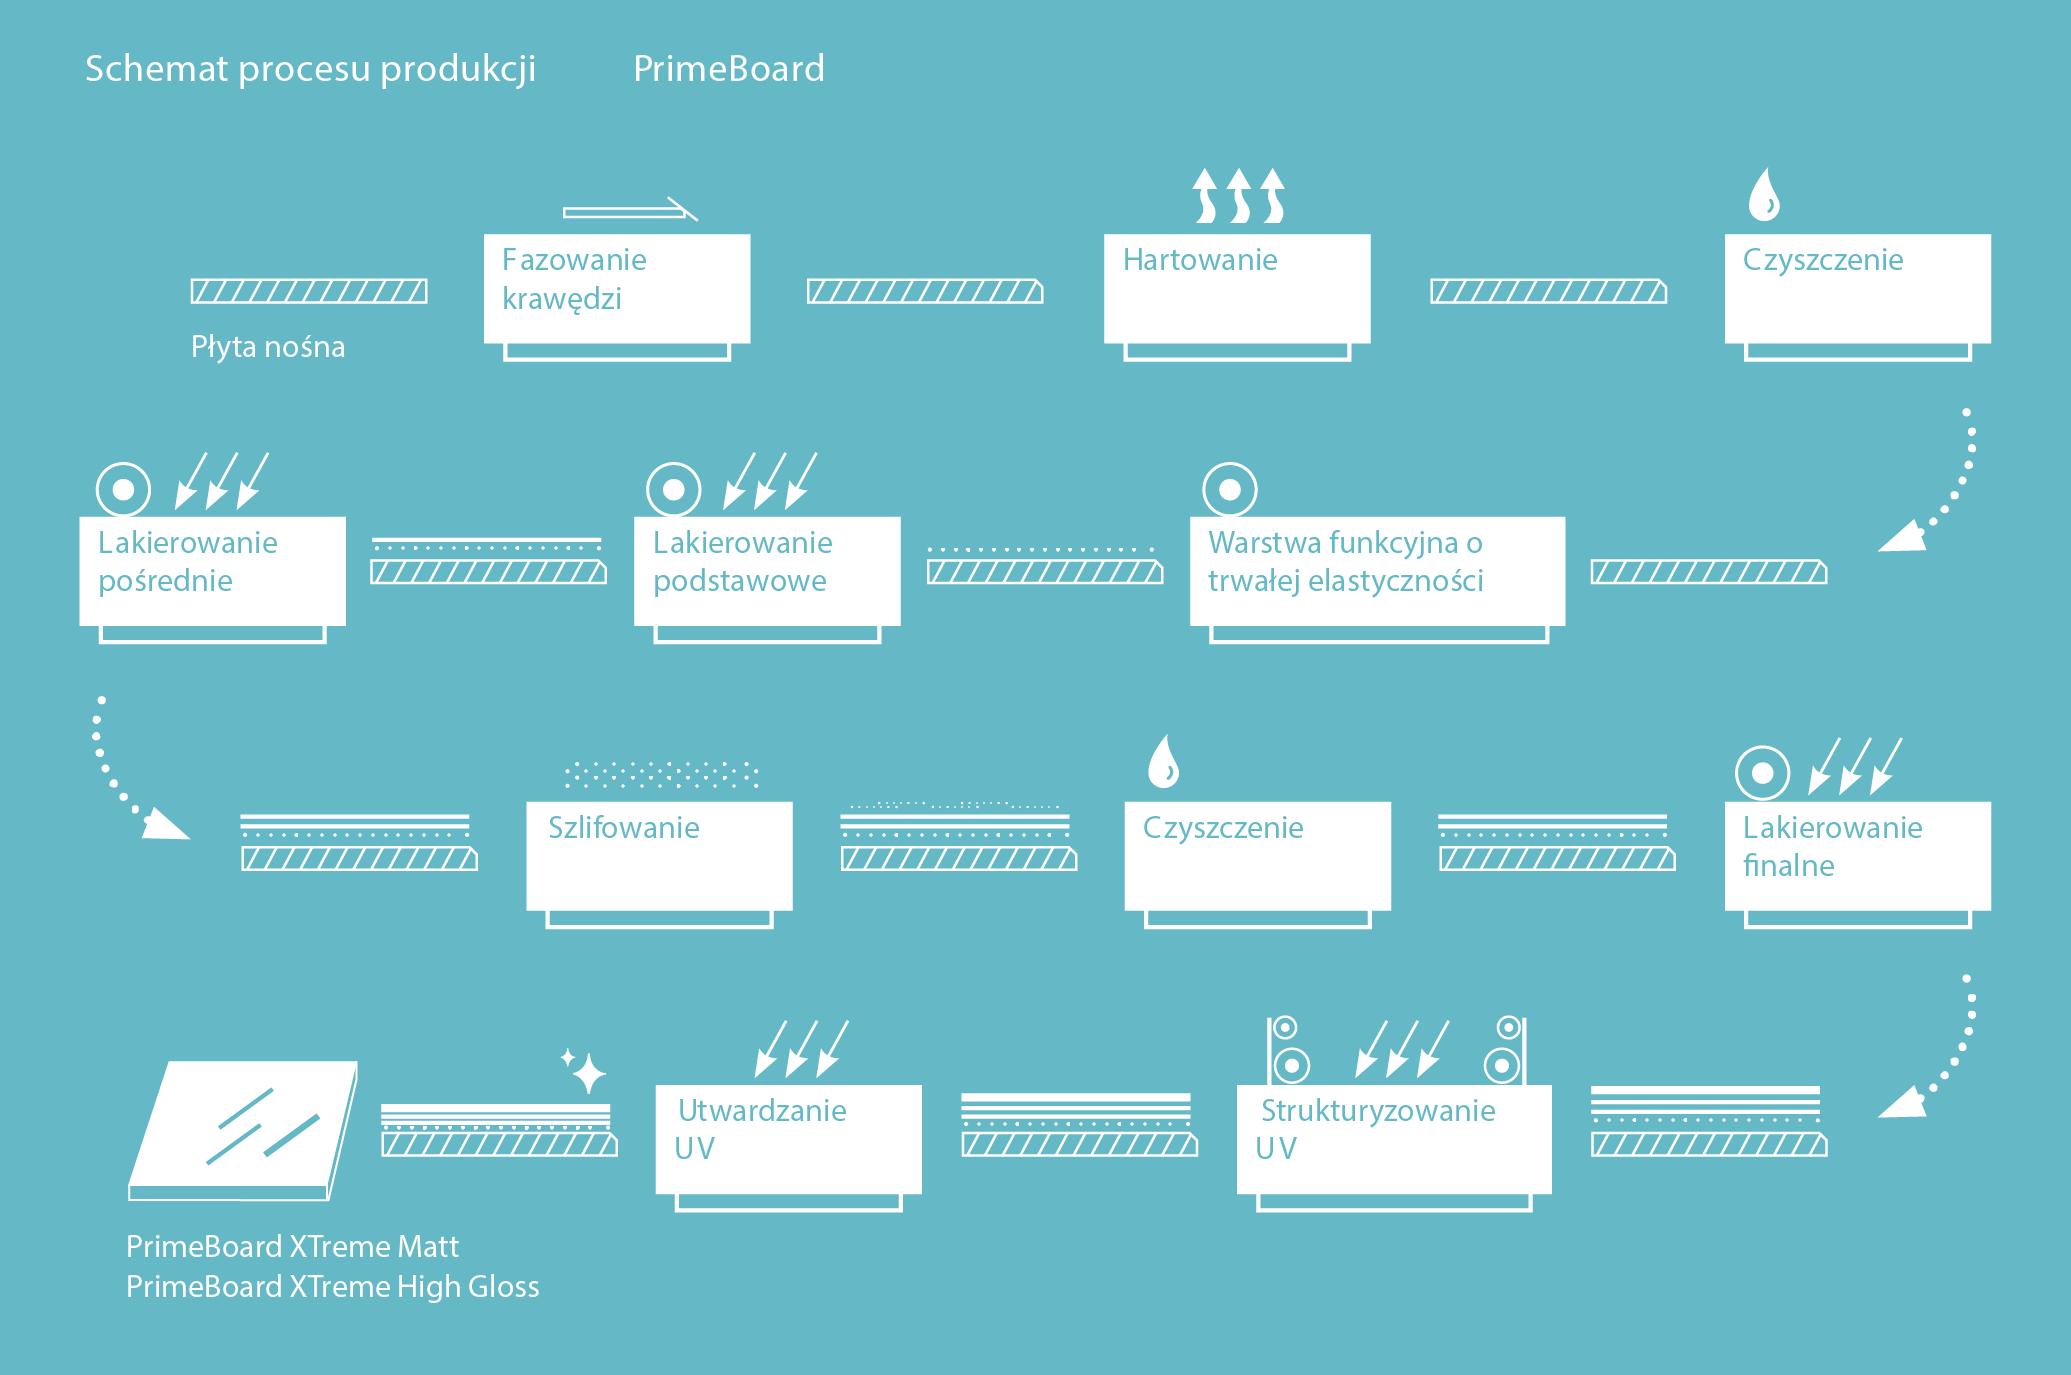 Proces obróbki PrimeBoard